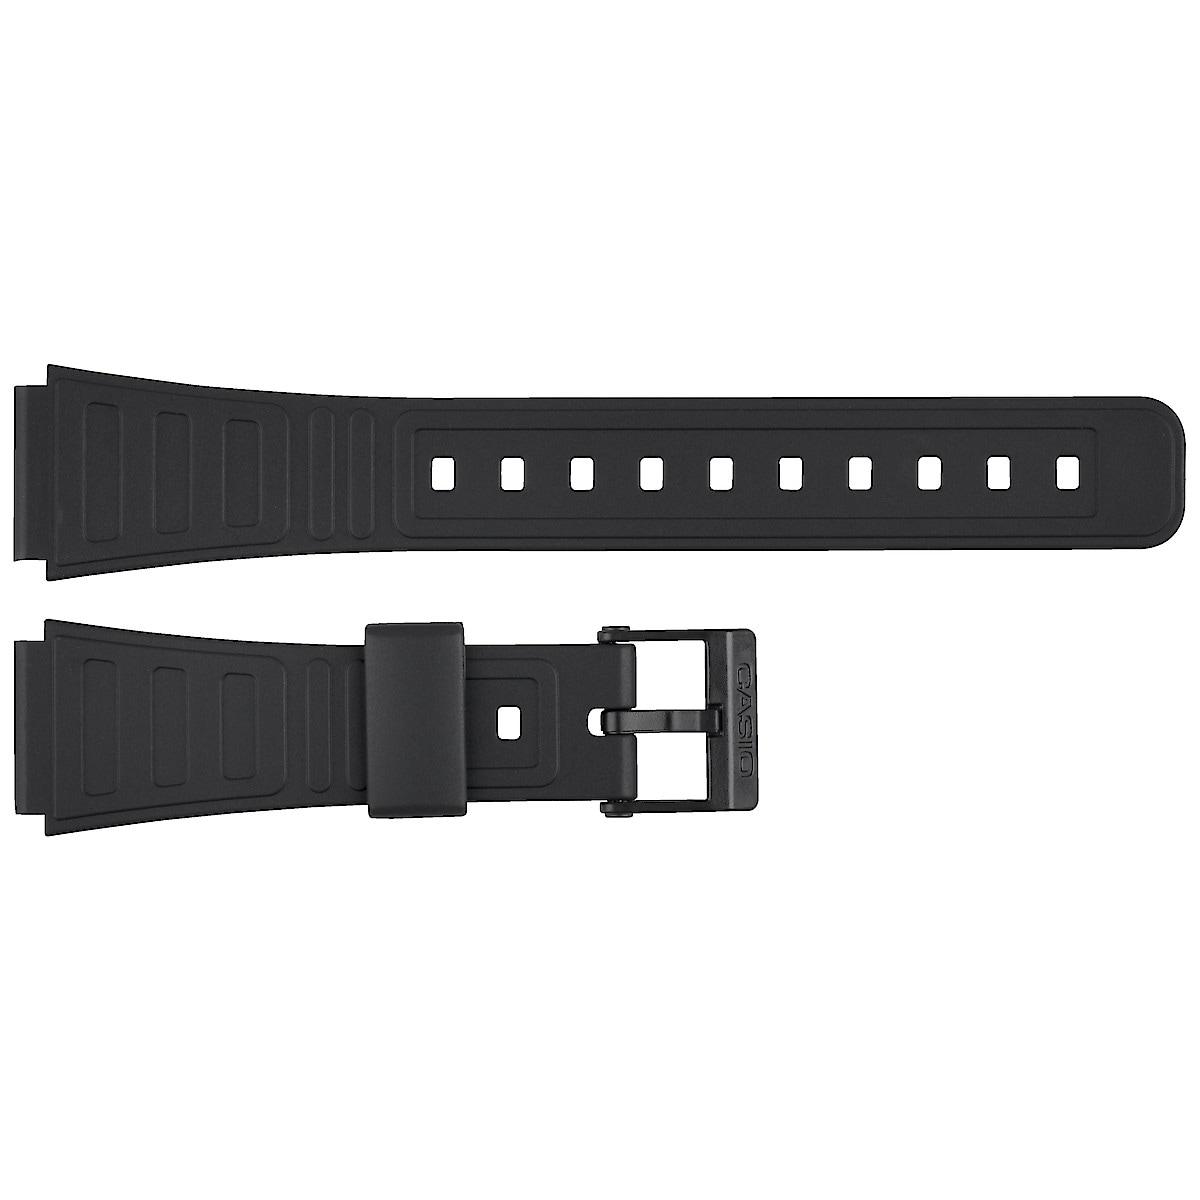 Casio Watch Strap